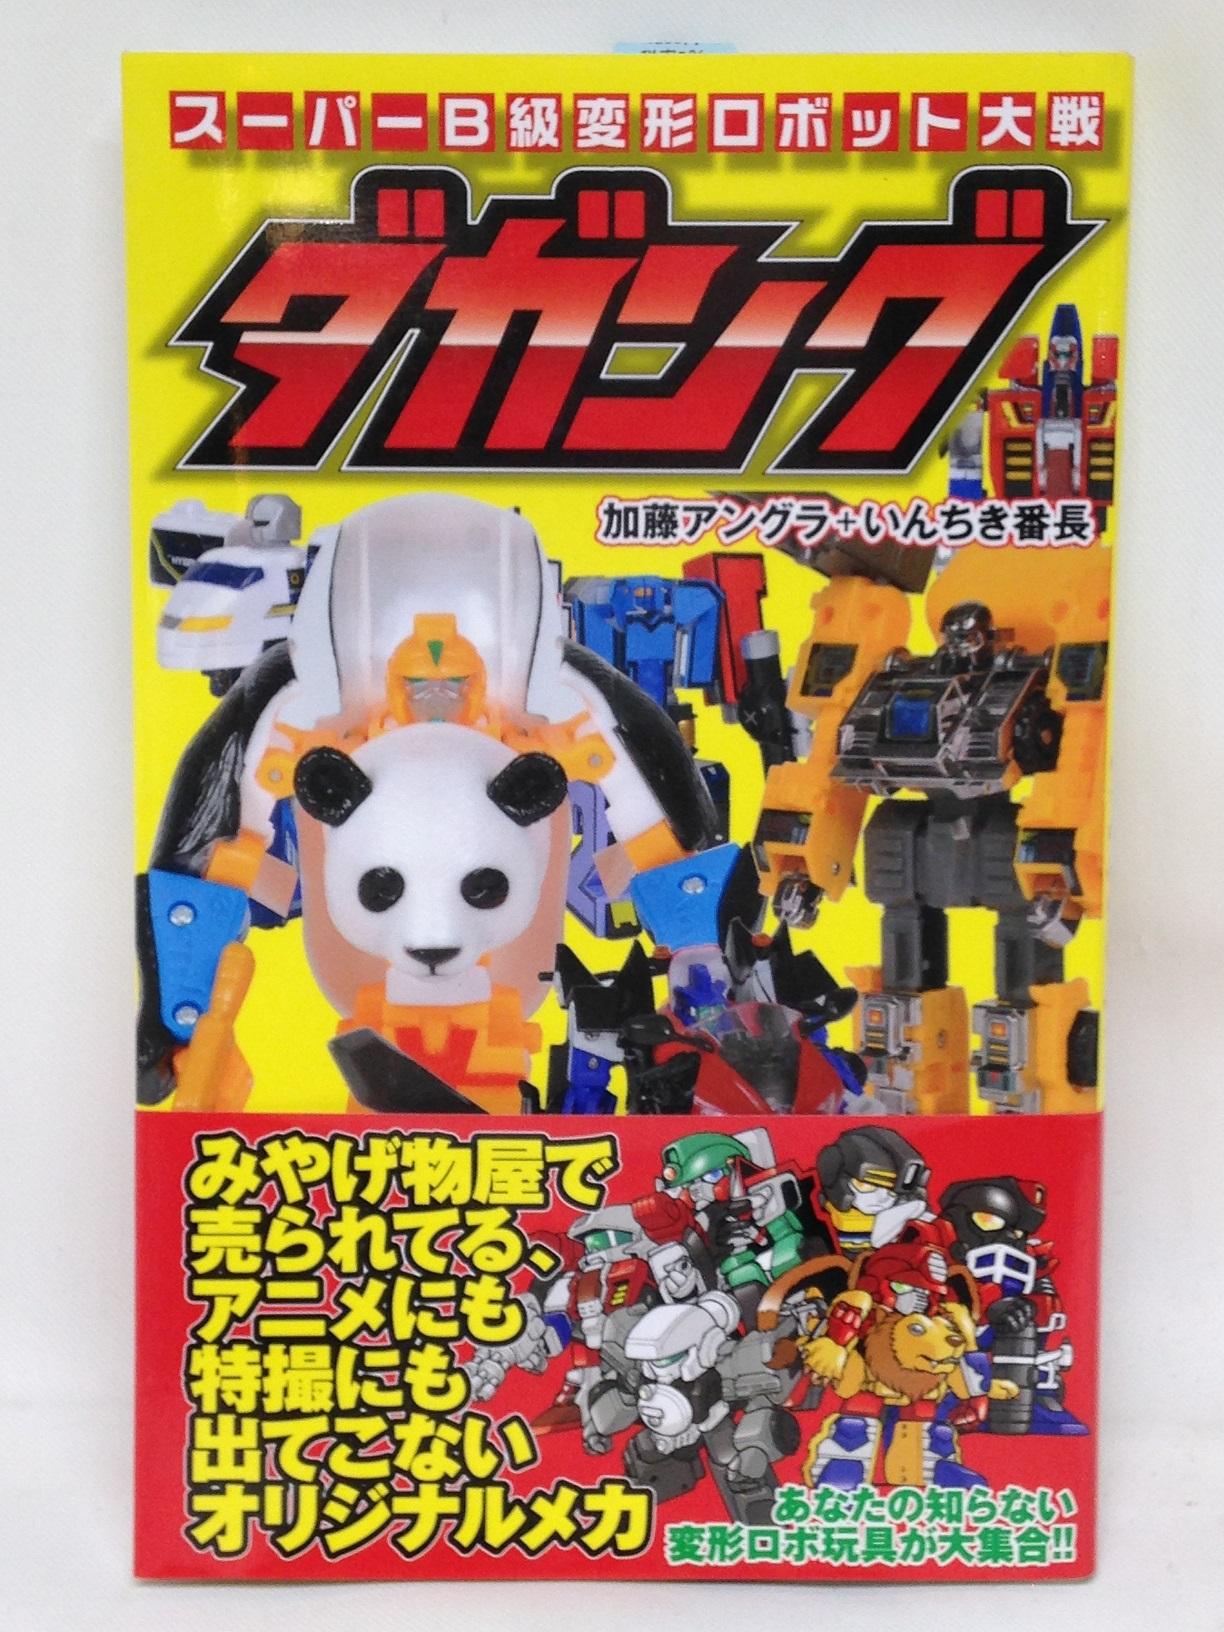 【新古本】スーパーB級変形ロボット大戦 ダガング画像